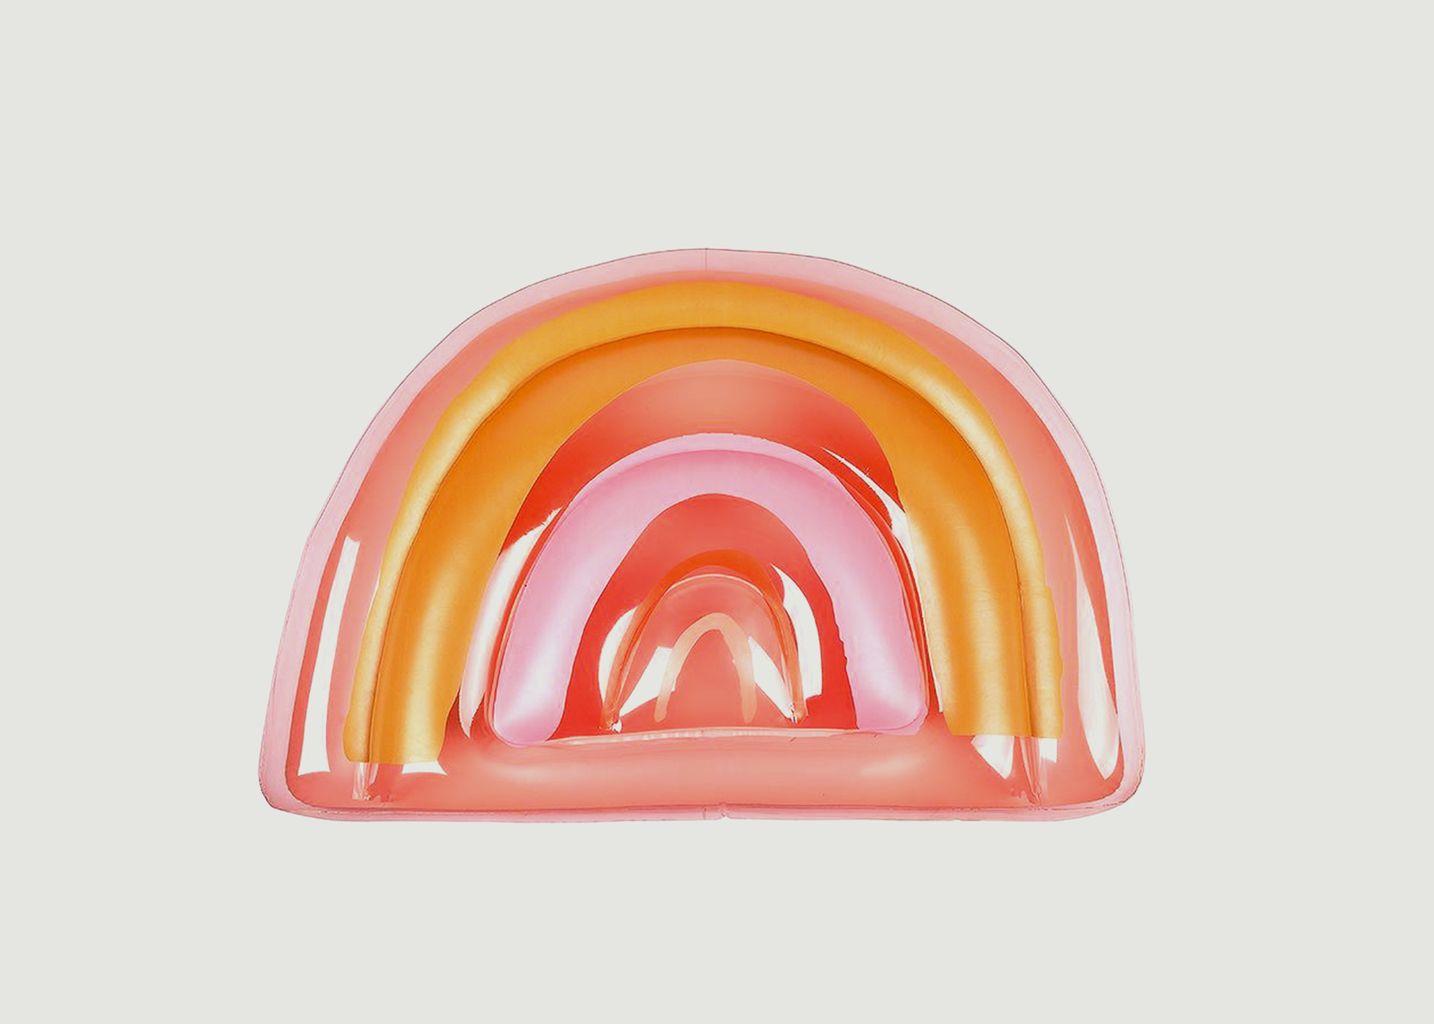 Bouée gonflable arc-en-ciel  - Sunny Life